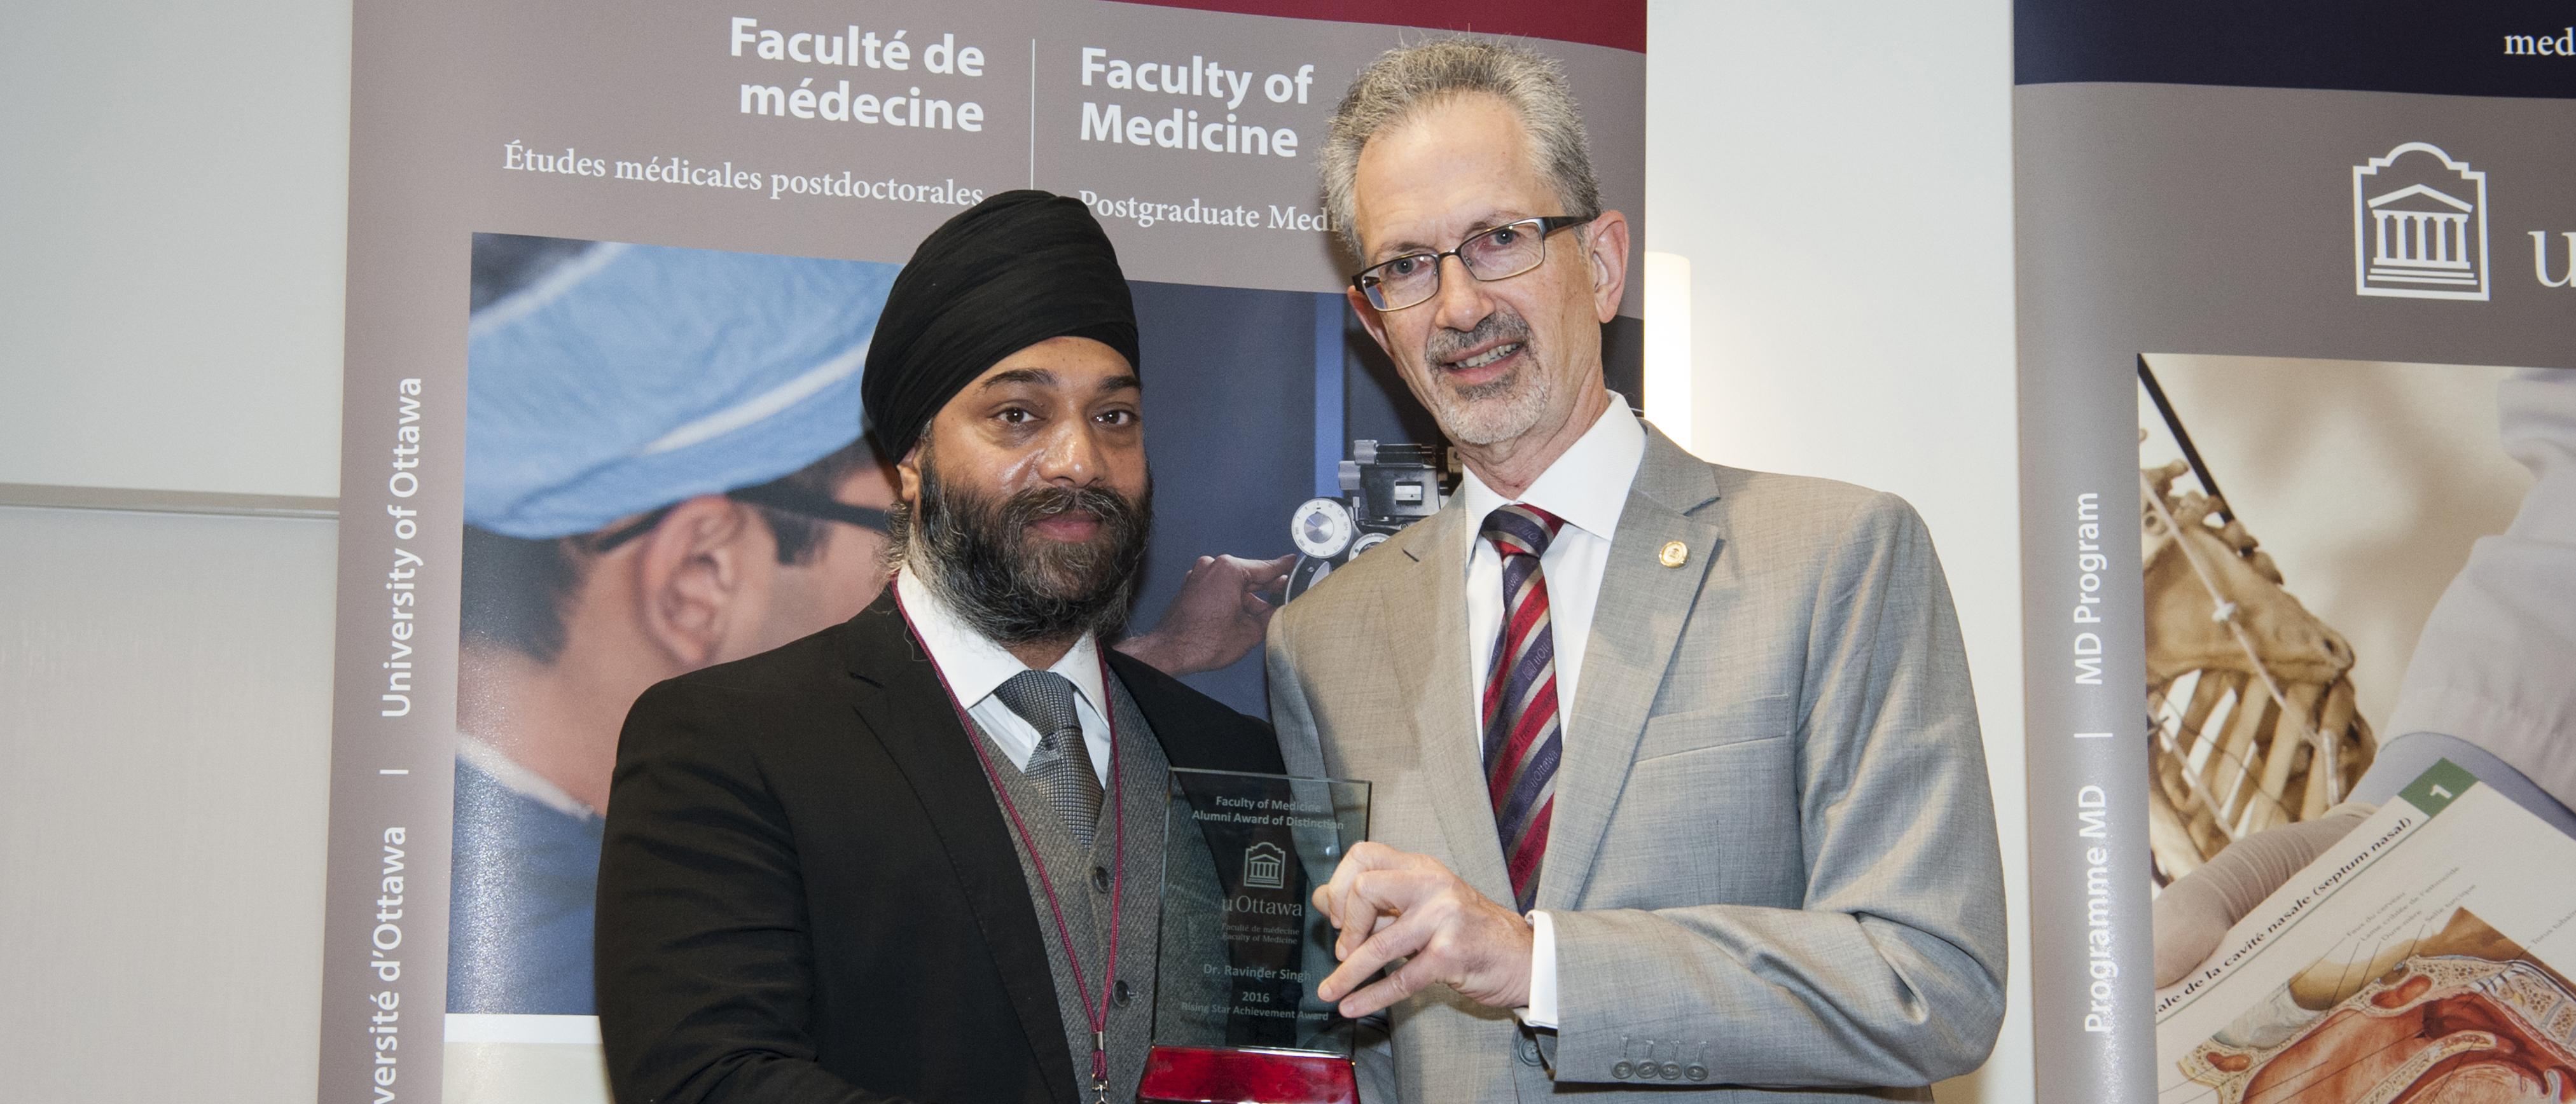 Dr. Ravinder Singh reçoit le Prix de l'étoile montante aux Retrouvailles 2016